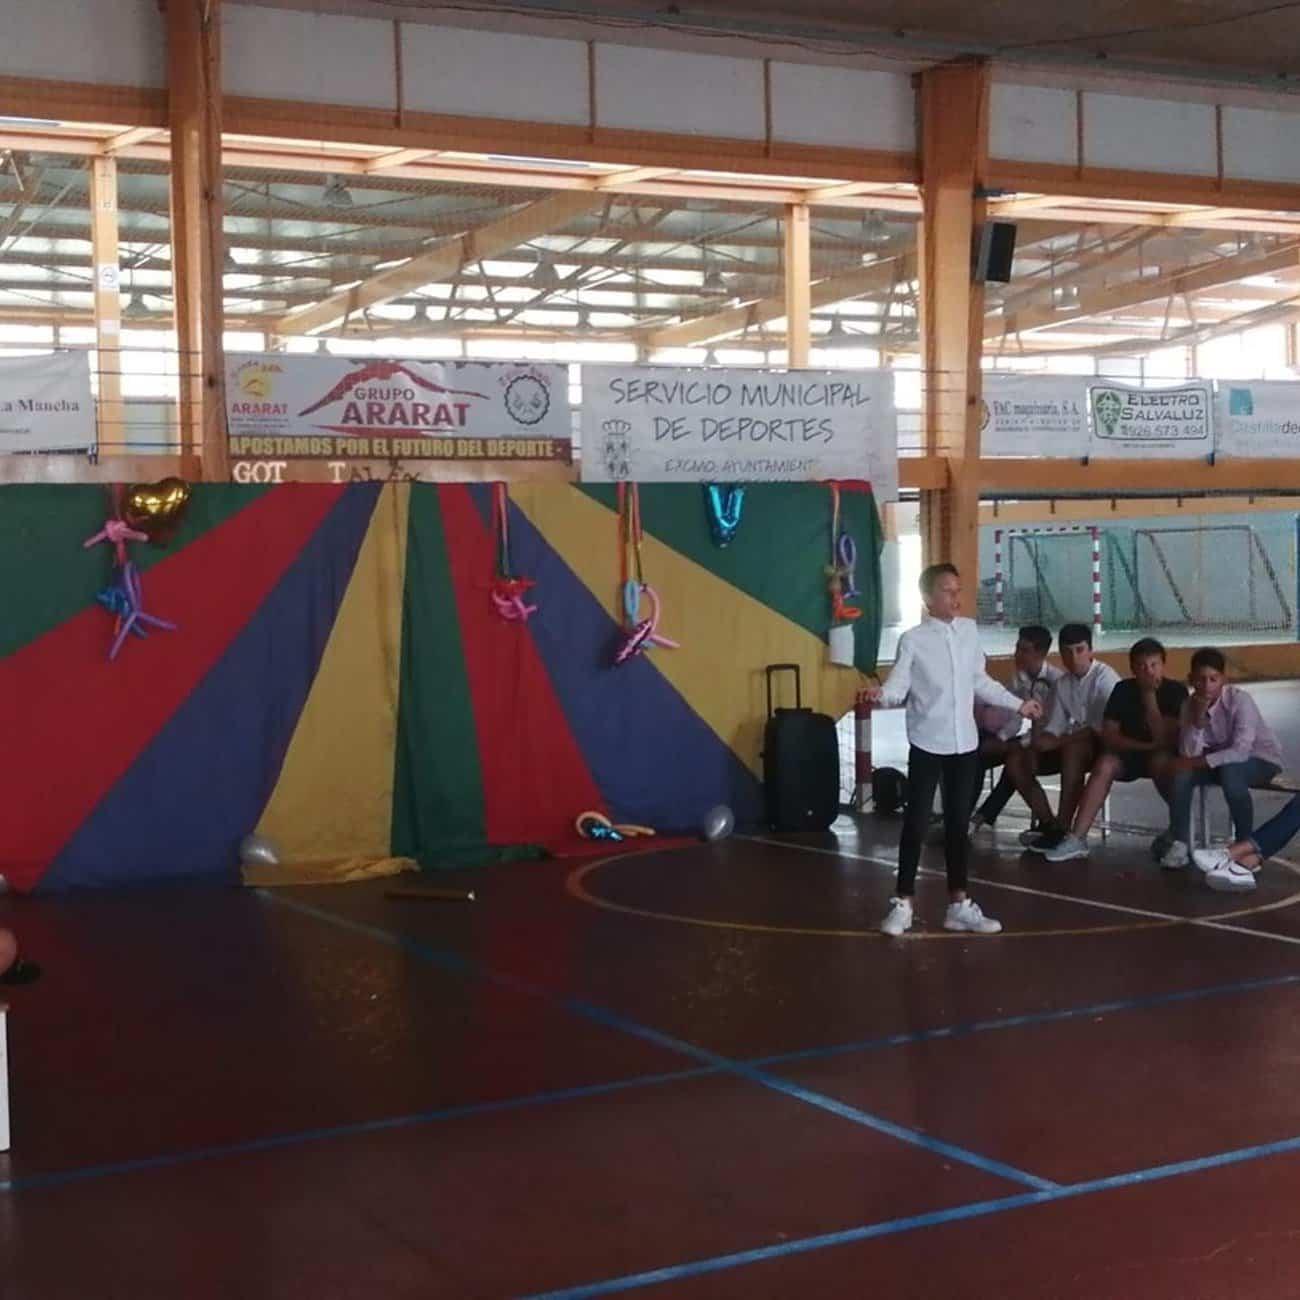 clausura escuela verano herencia 6 - Clausura de la Escuela de Verano 2019 en Herencia